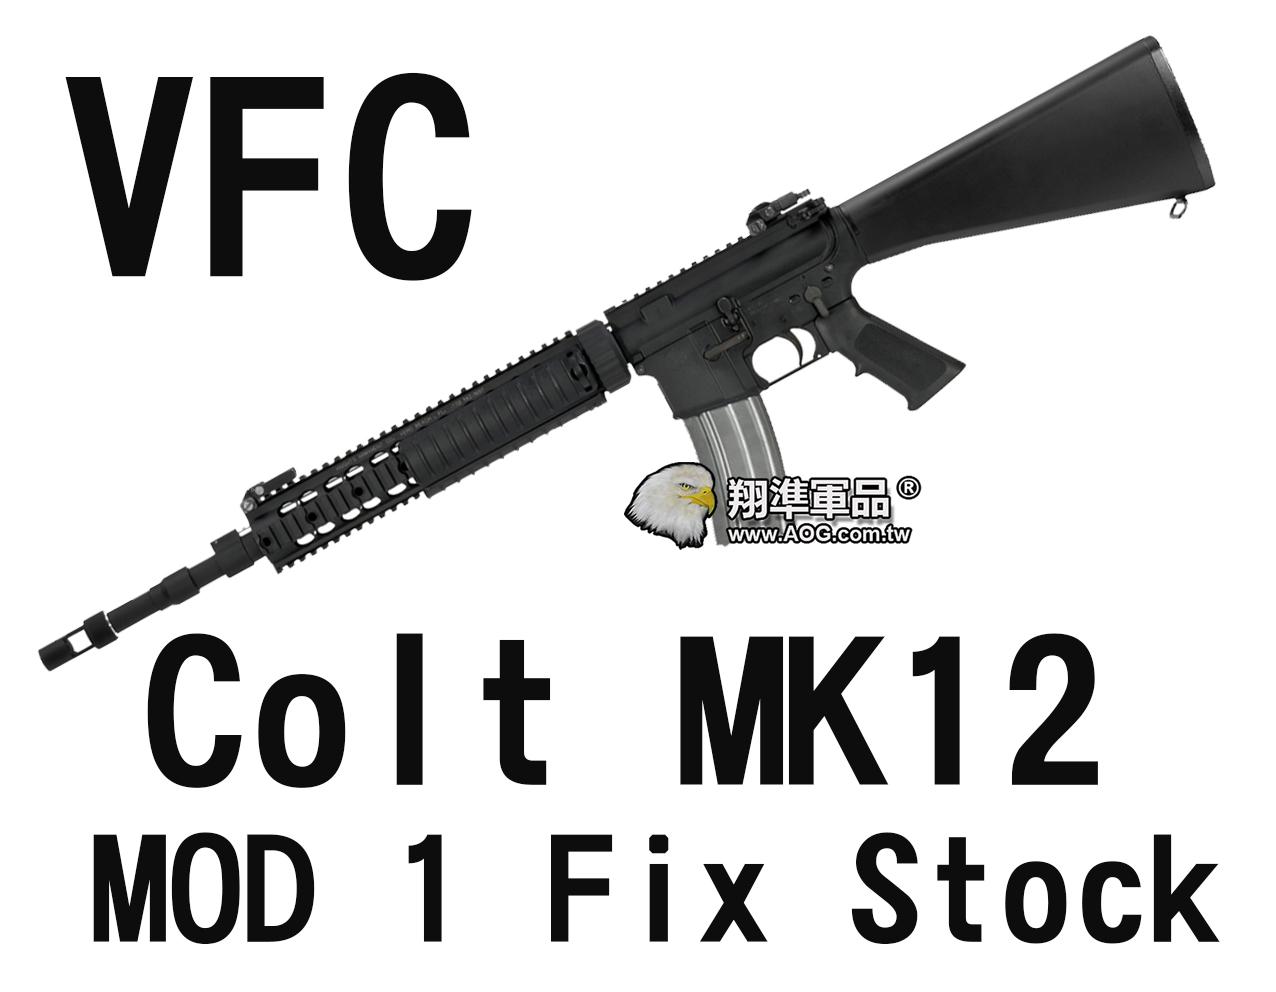 【翔準軍品AOG】【VFC】Colt MK12 MOD 1 Fix Stock(STD) 固定 魚骨版 電動槍 黑色 VF1-LMK12M1A-BK02